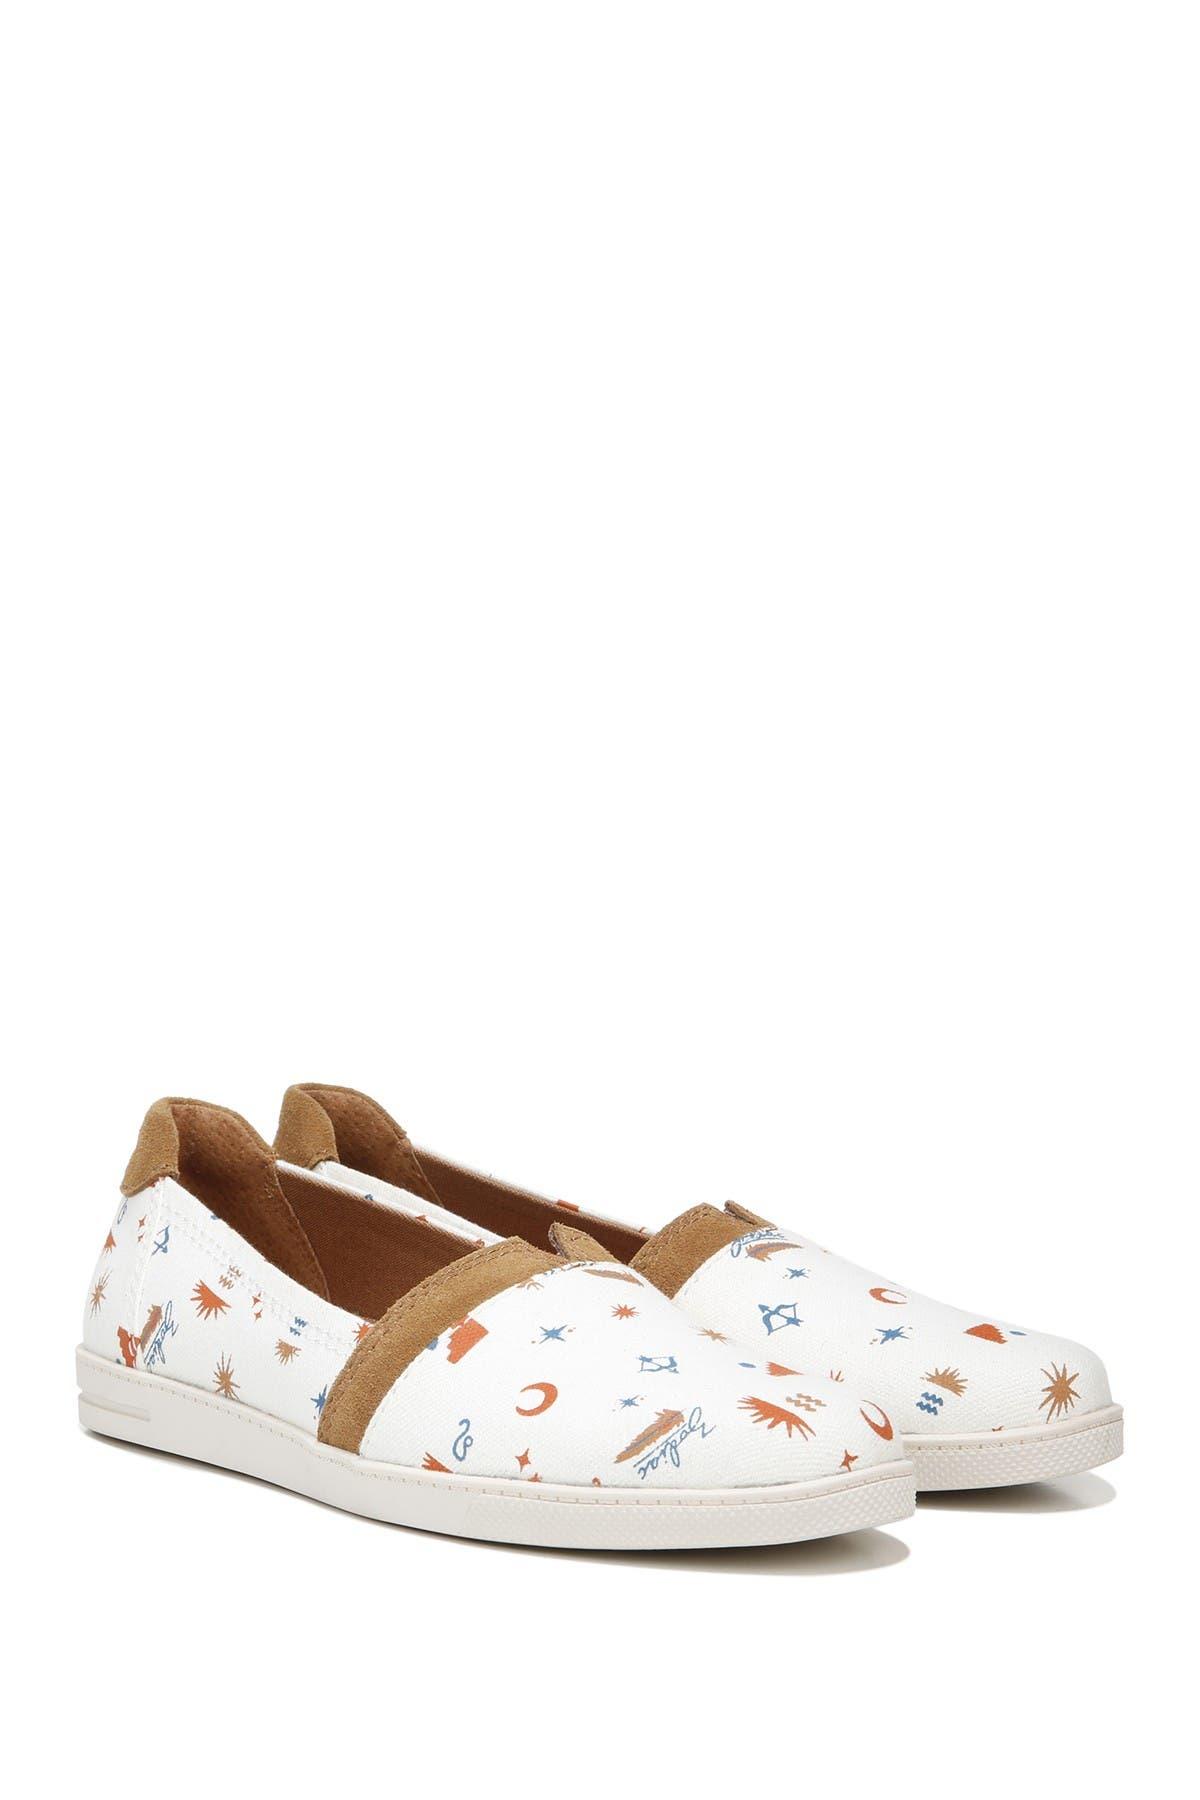 Image of Zodiac Vane Slip-On Sneaker